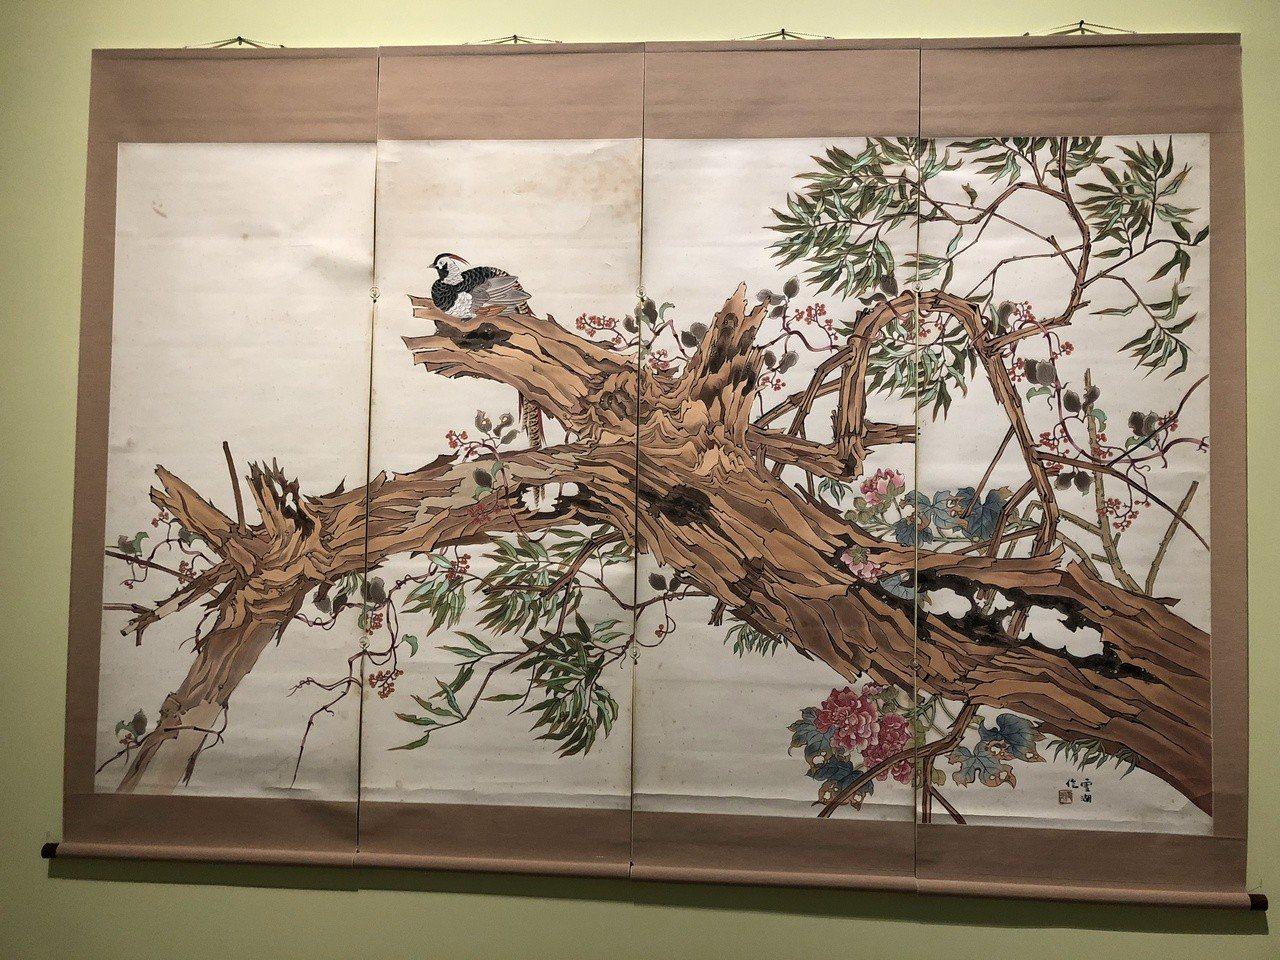 國美館「花之禮讚」展,經典畫家郭雪湖作品。記者何定照/攝影